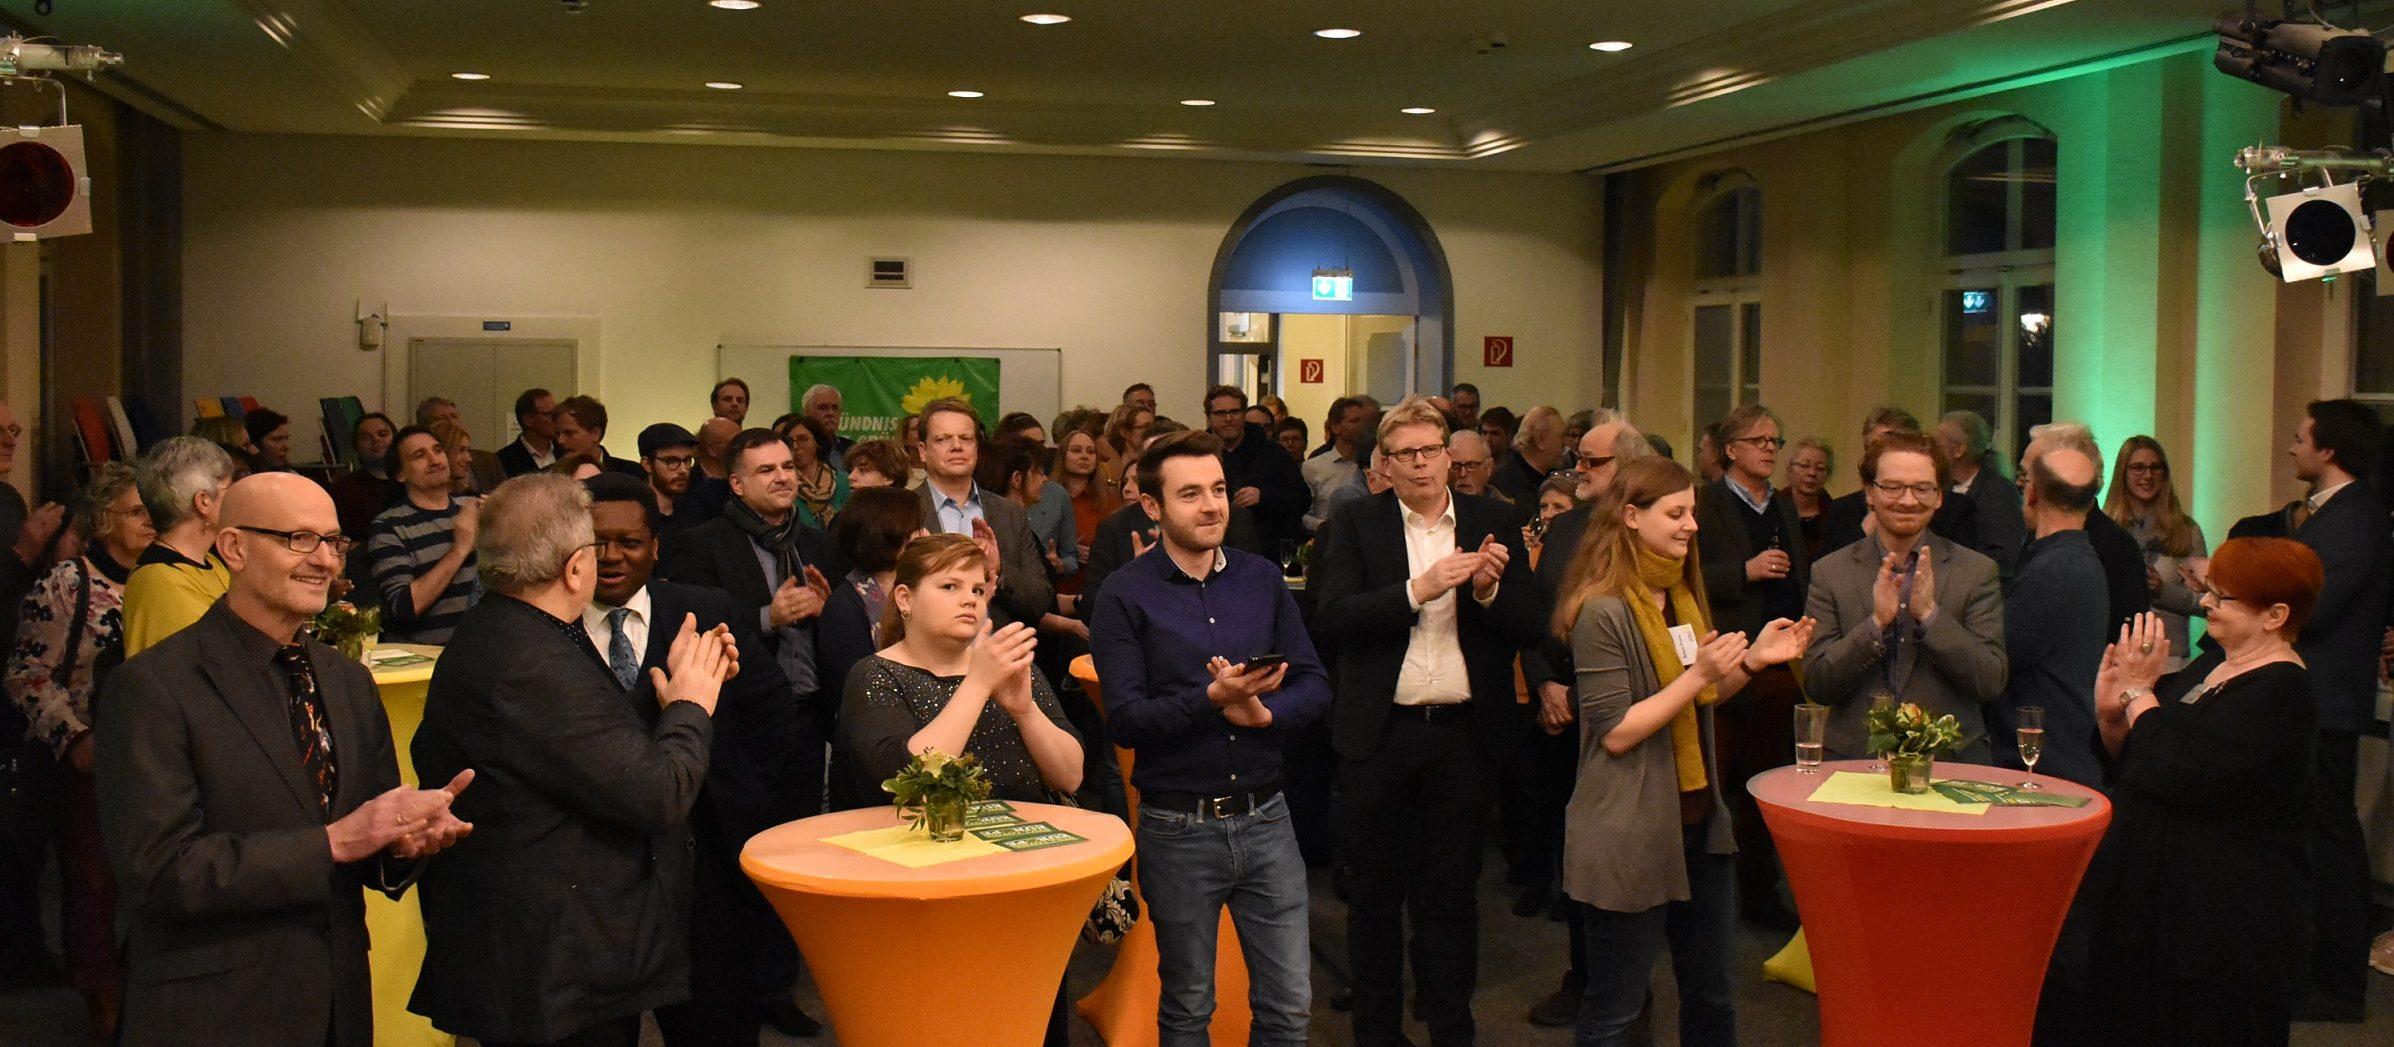 Grüner Neujahrsempfang: Pro-europäischer Start in das Jahr 2019